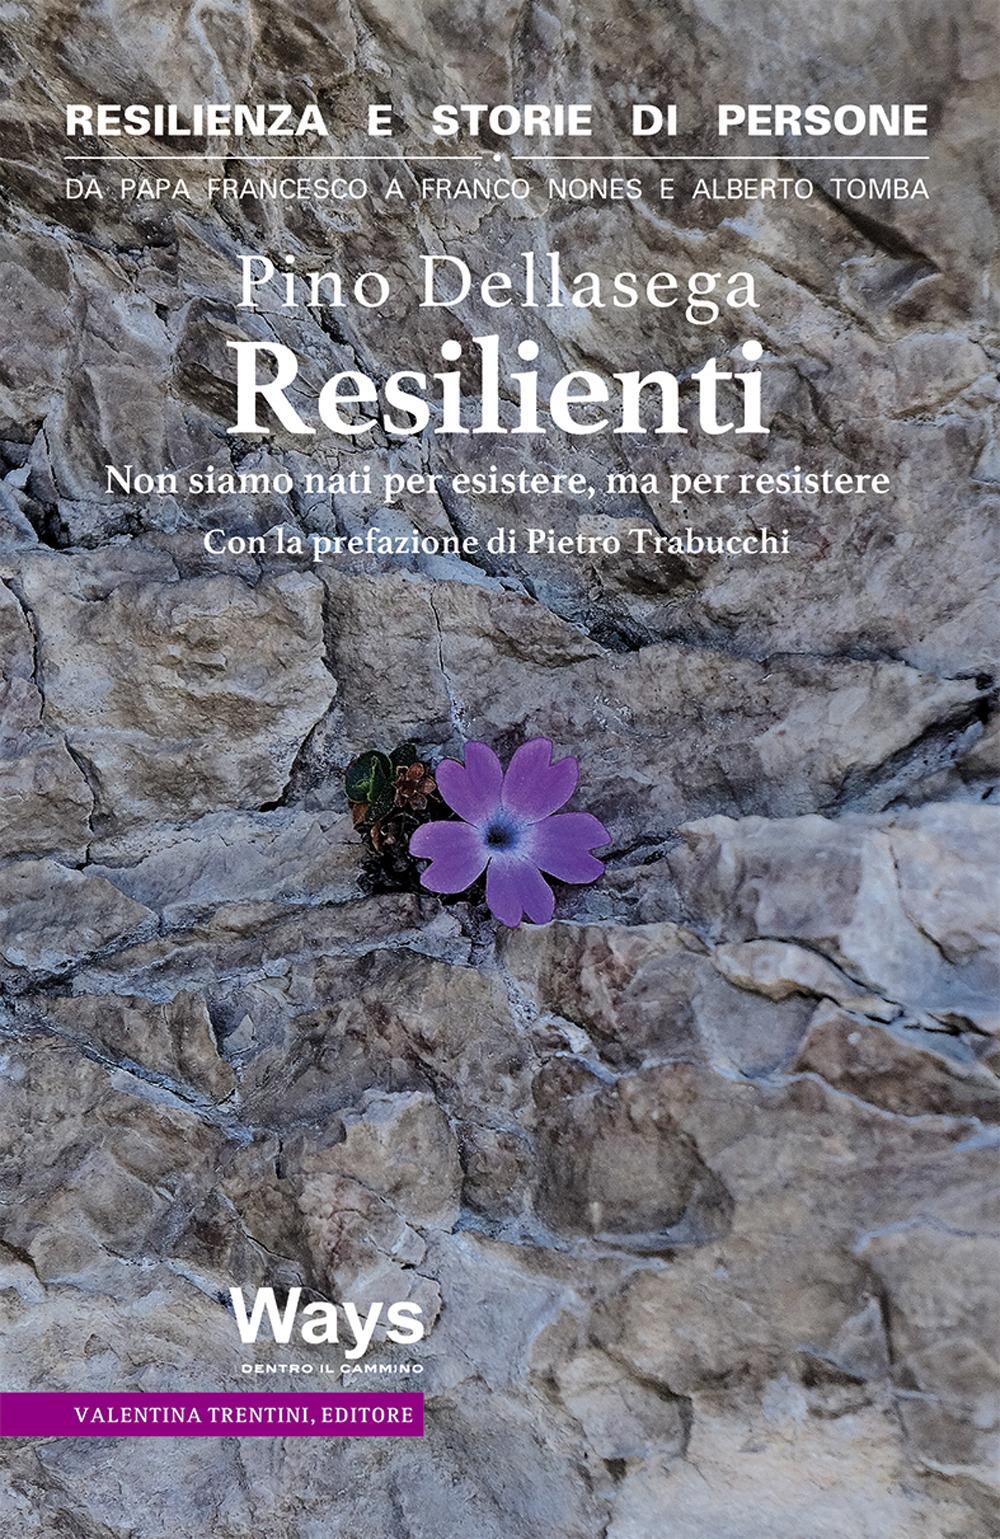 resilienti-pino-dellasega